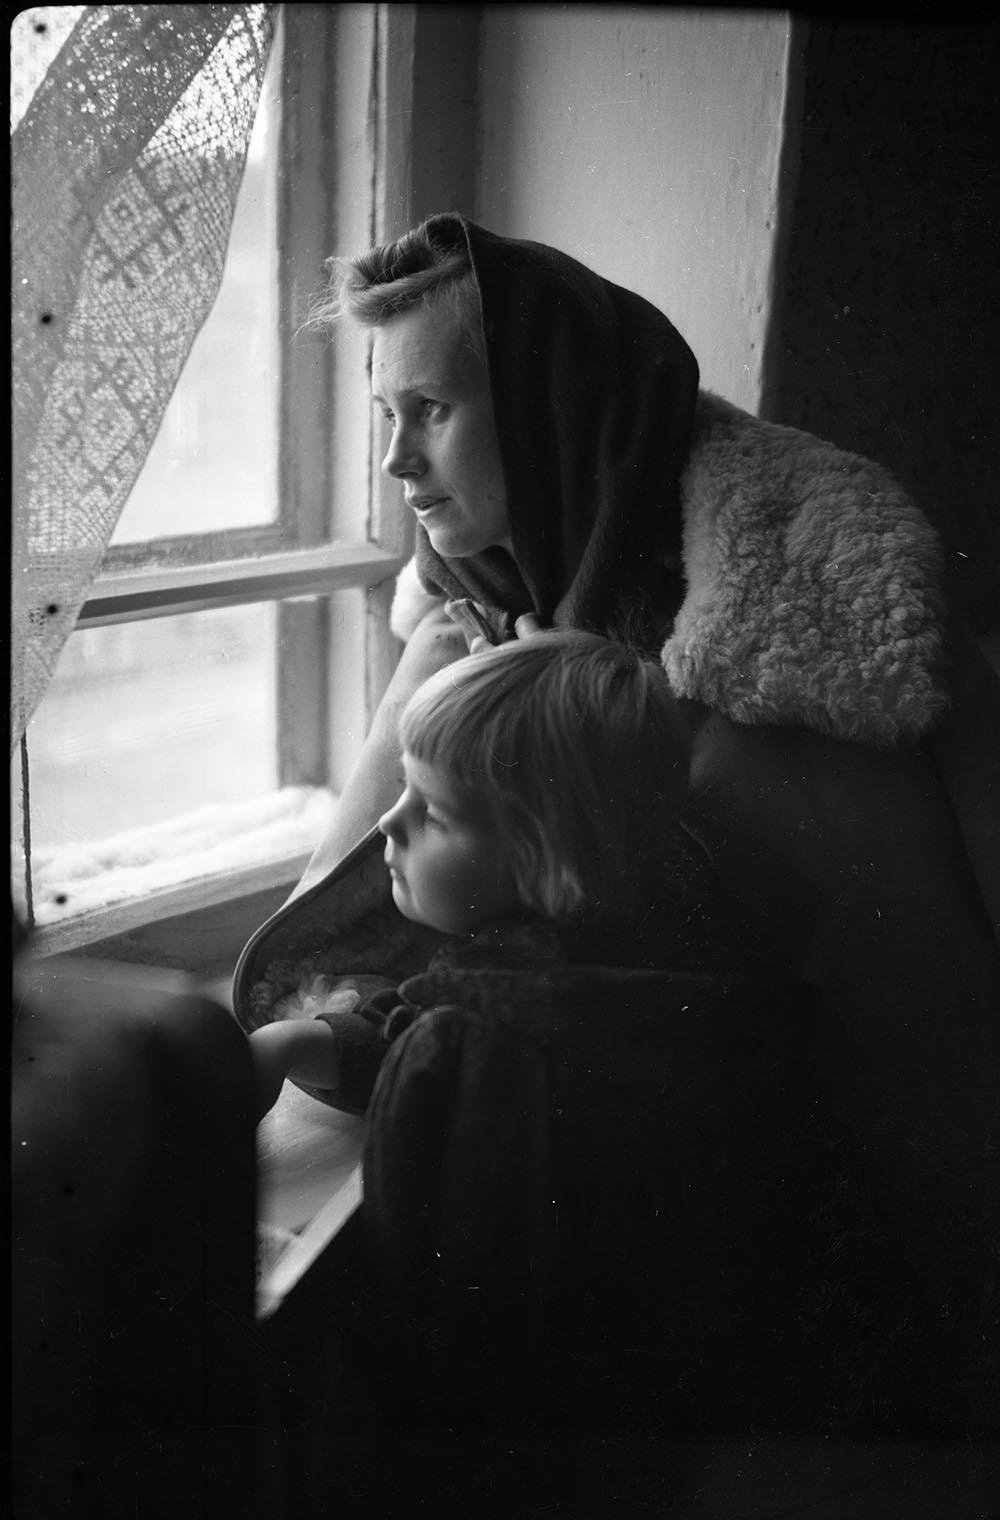 1970-е. У окна